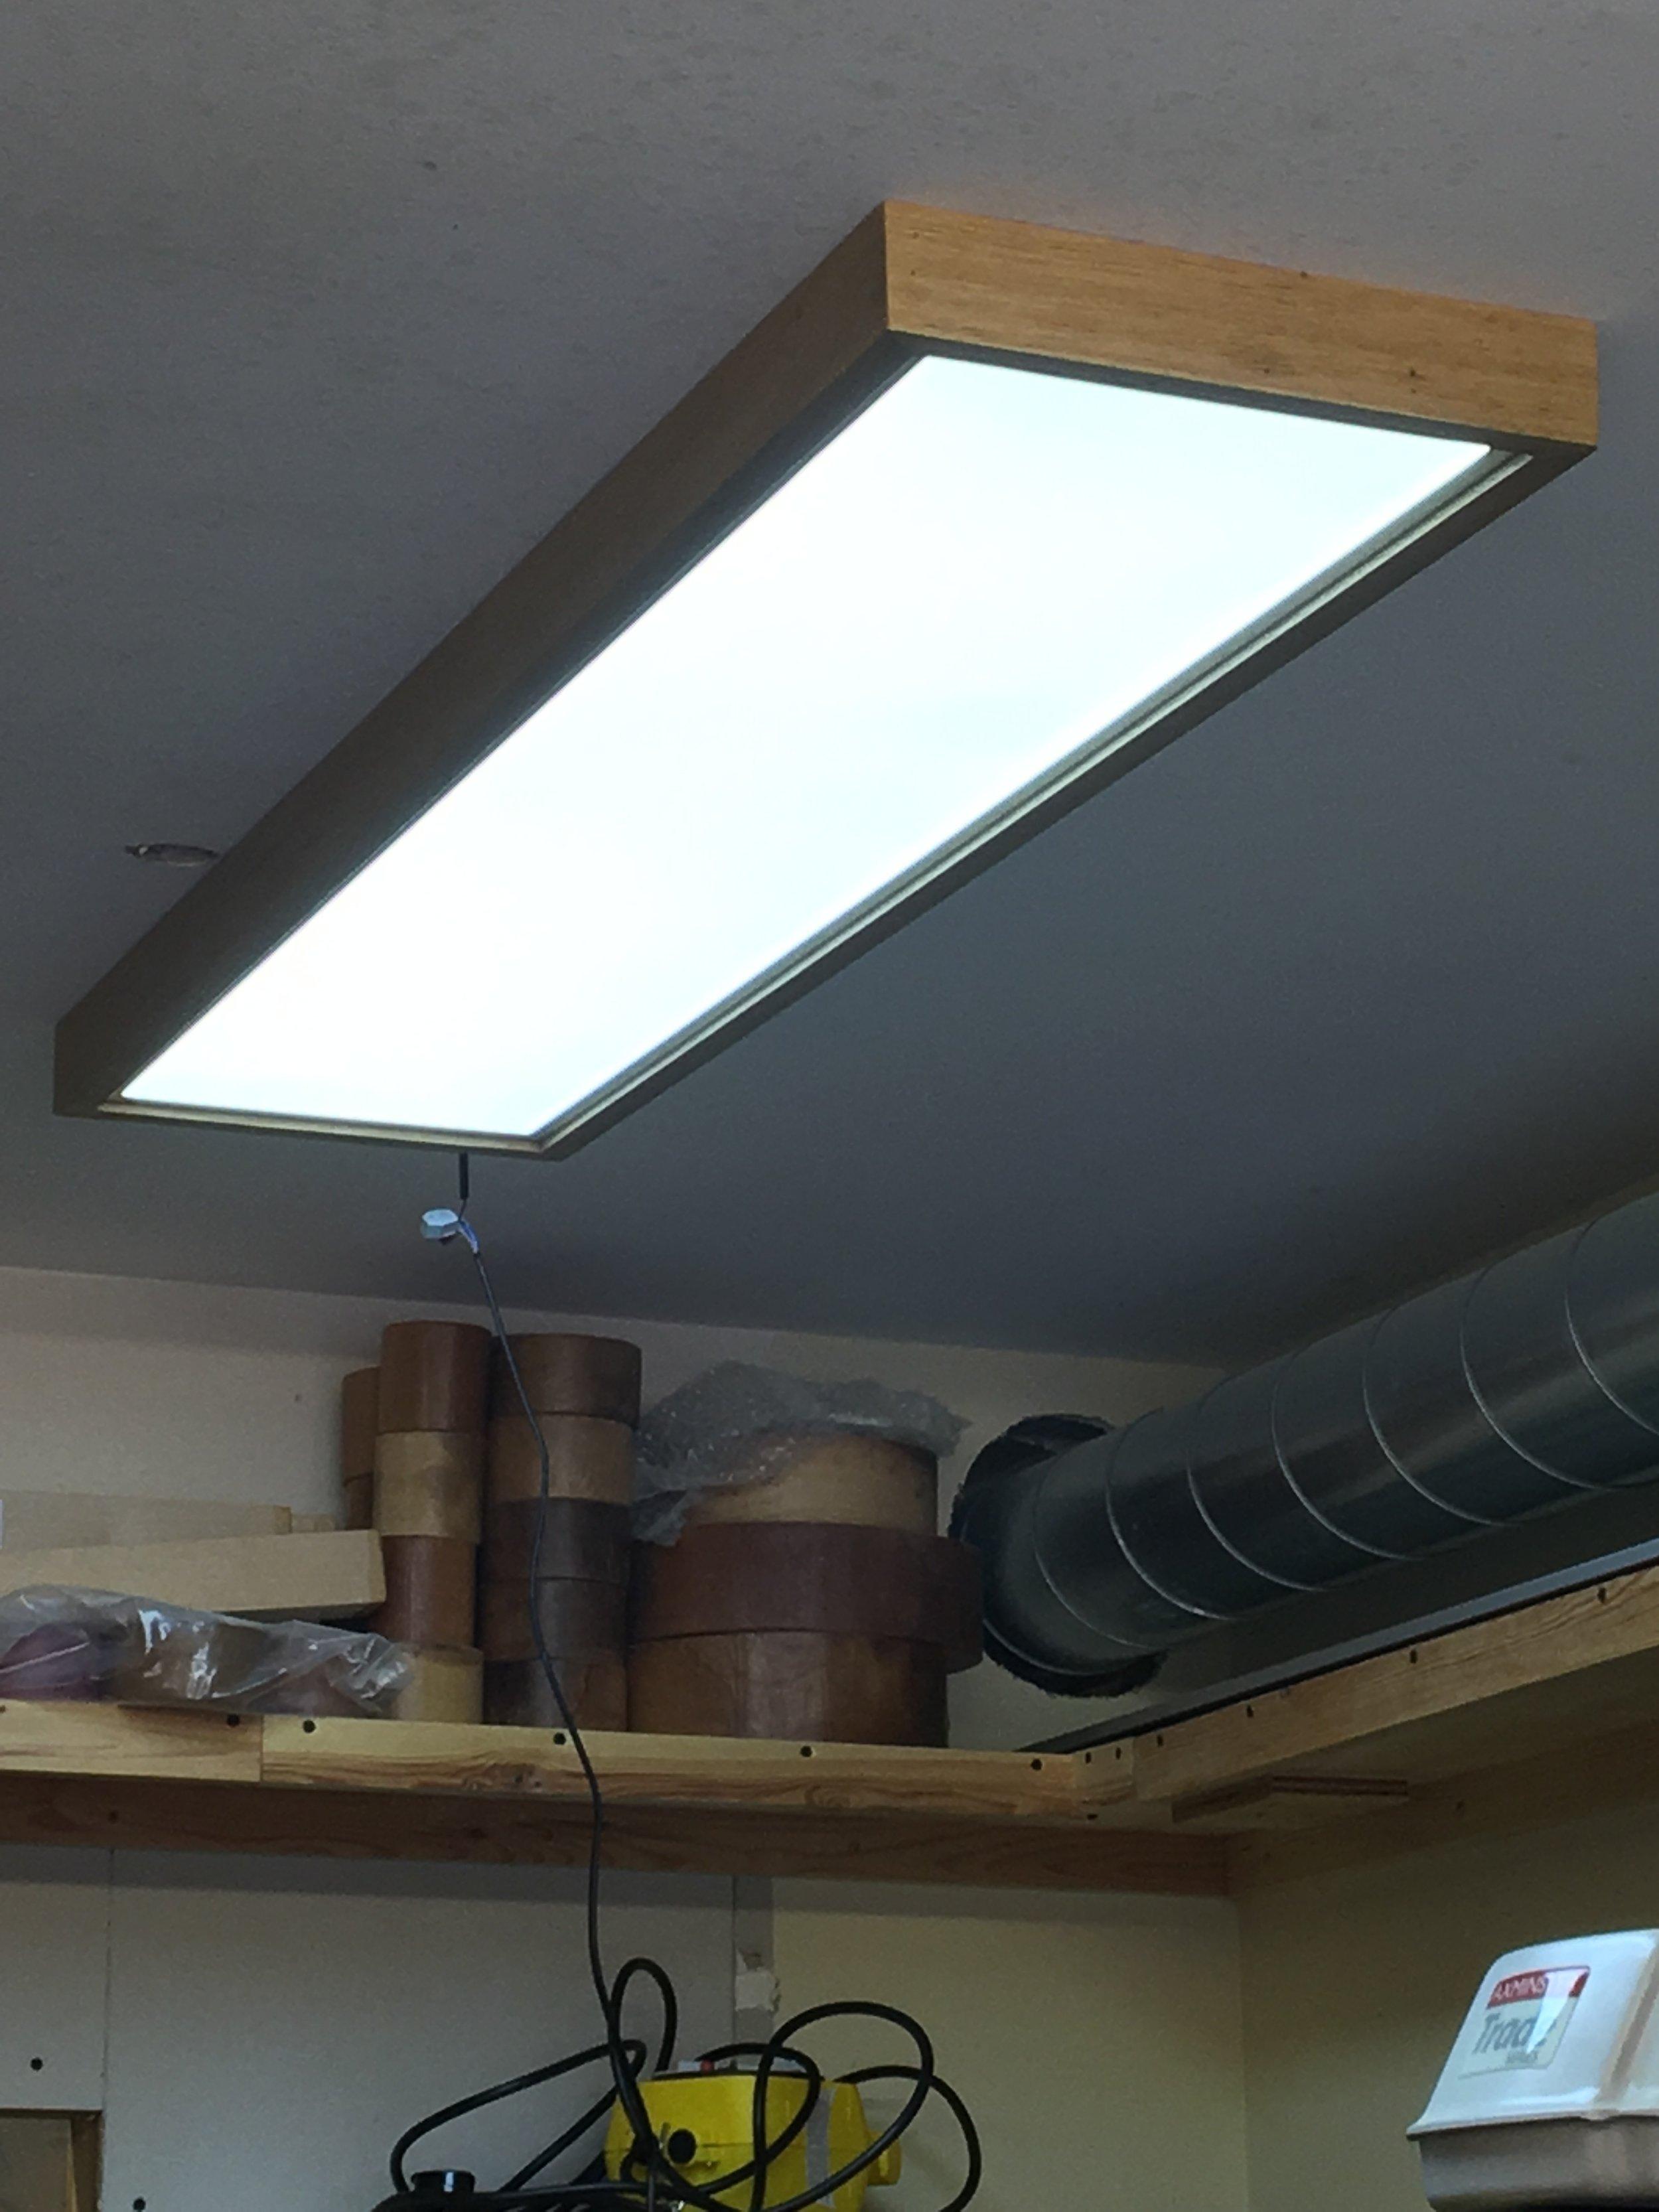 Workshop garage led lighting diyjase workshop garage led lighting arubaitofo Choice Image